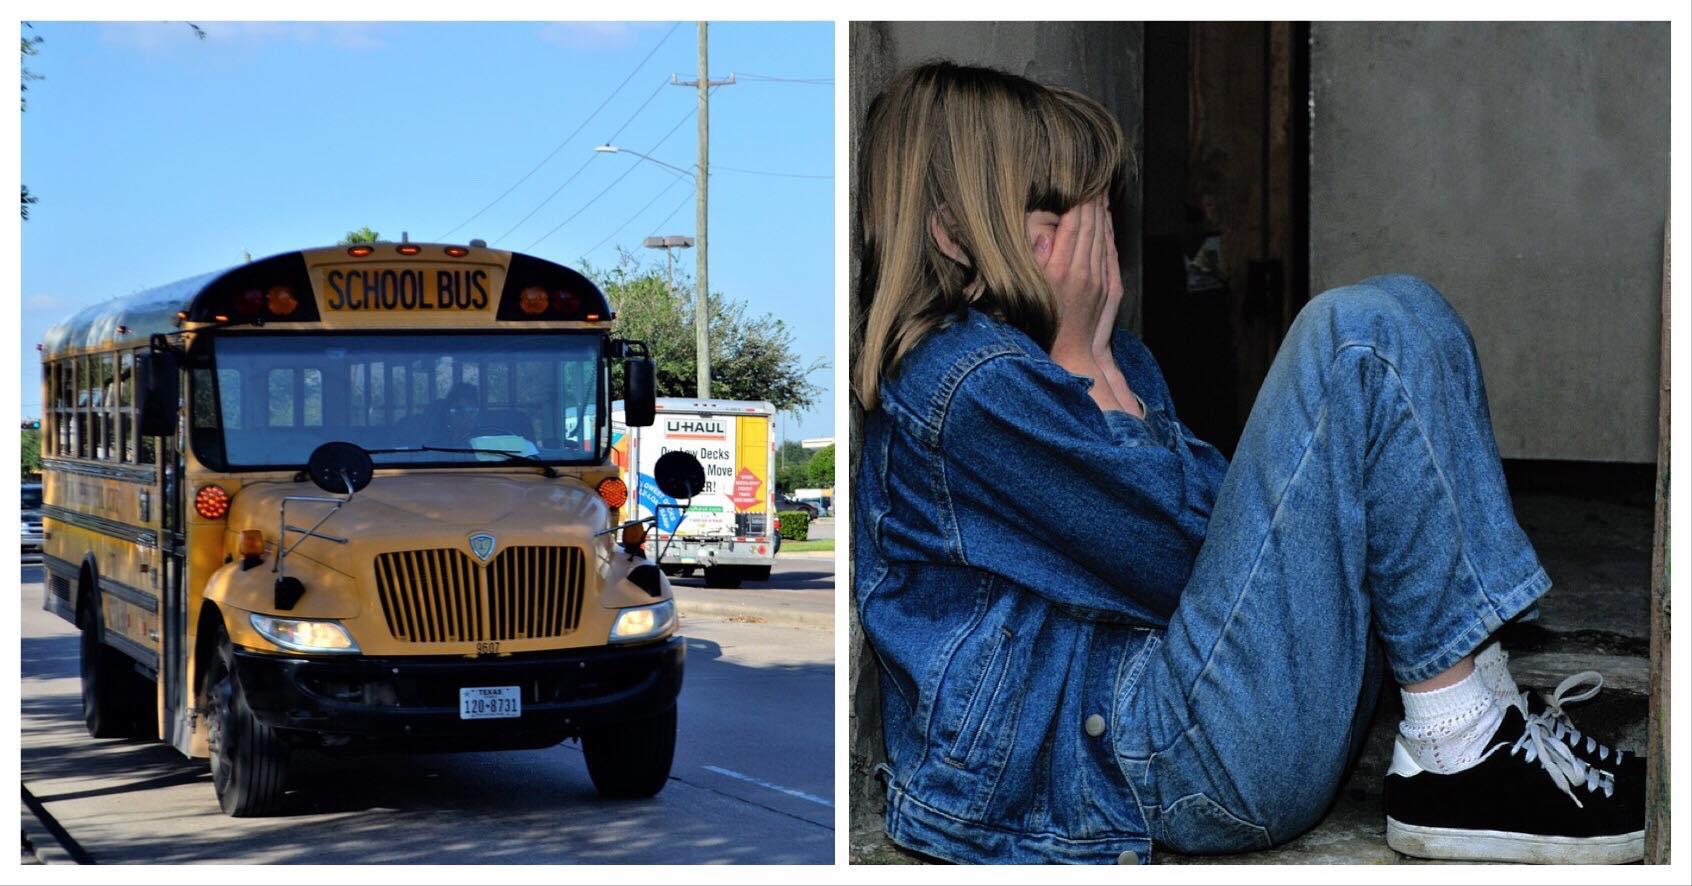 Ung pige får sin aller første menstruation i skolebussen - så gør teenagedreng noget der varmer alle om hjertet